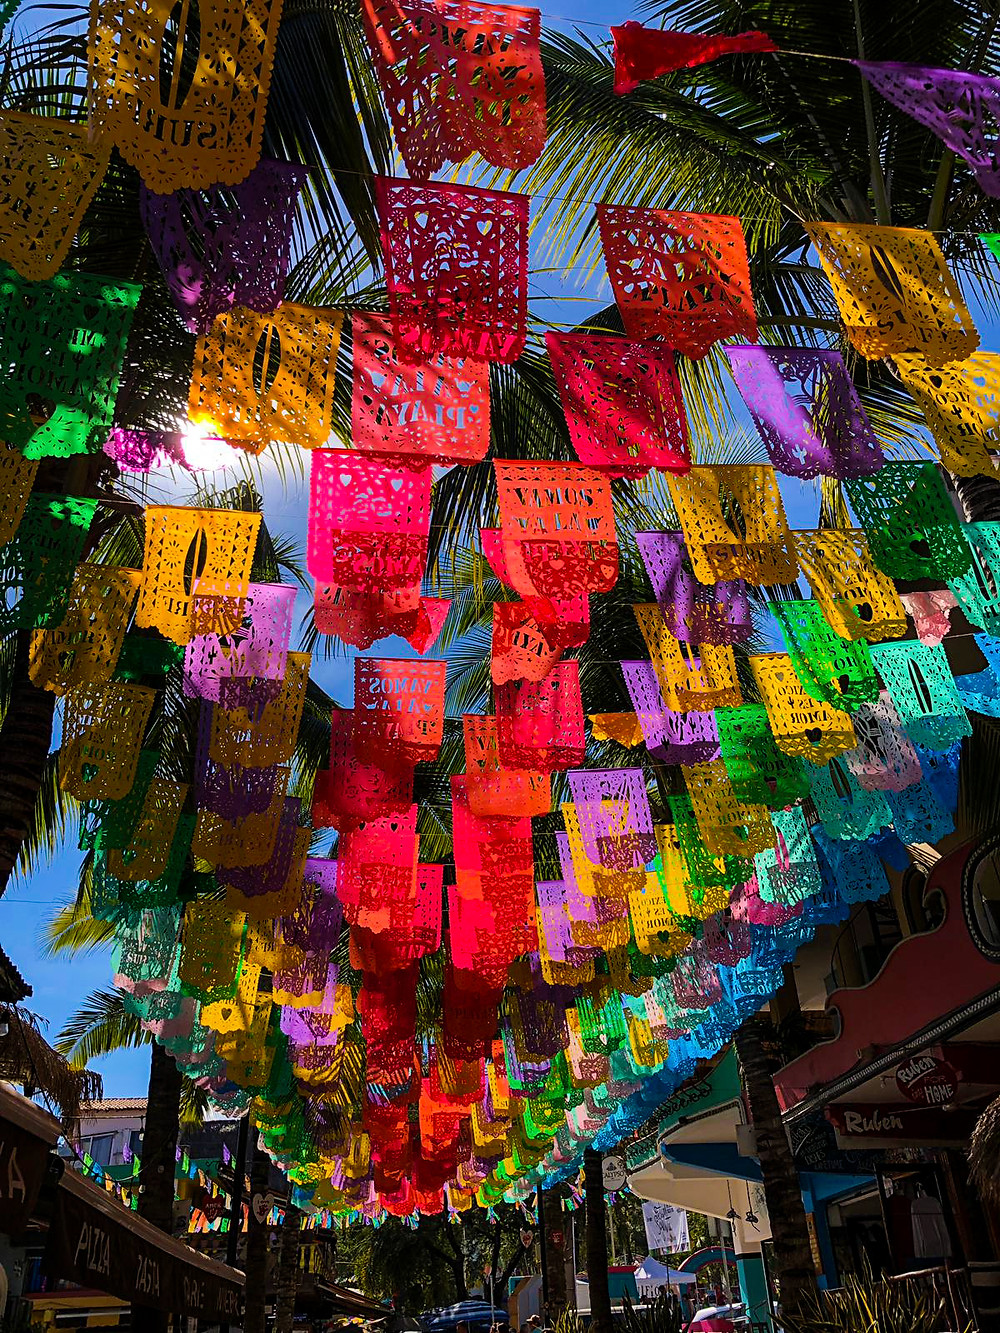 Sayulita Mexico downtown street tourist visit